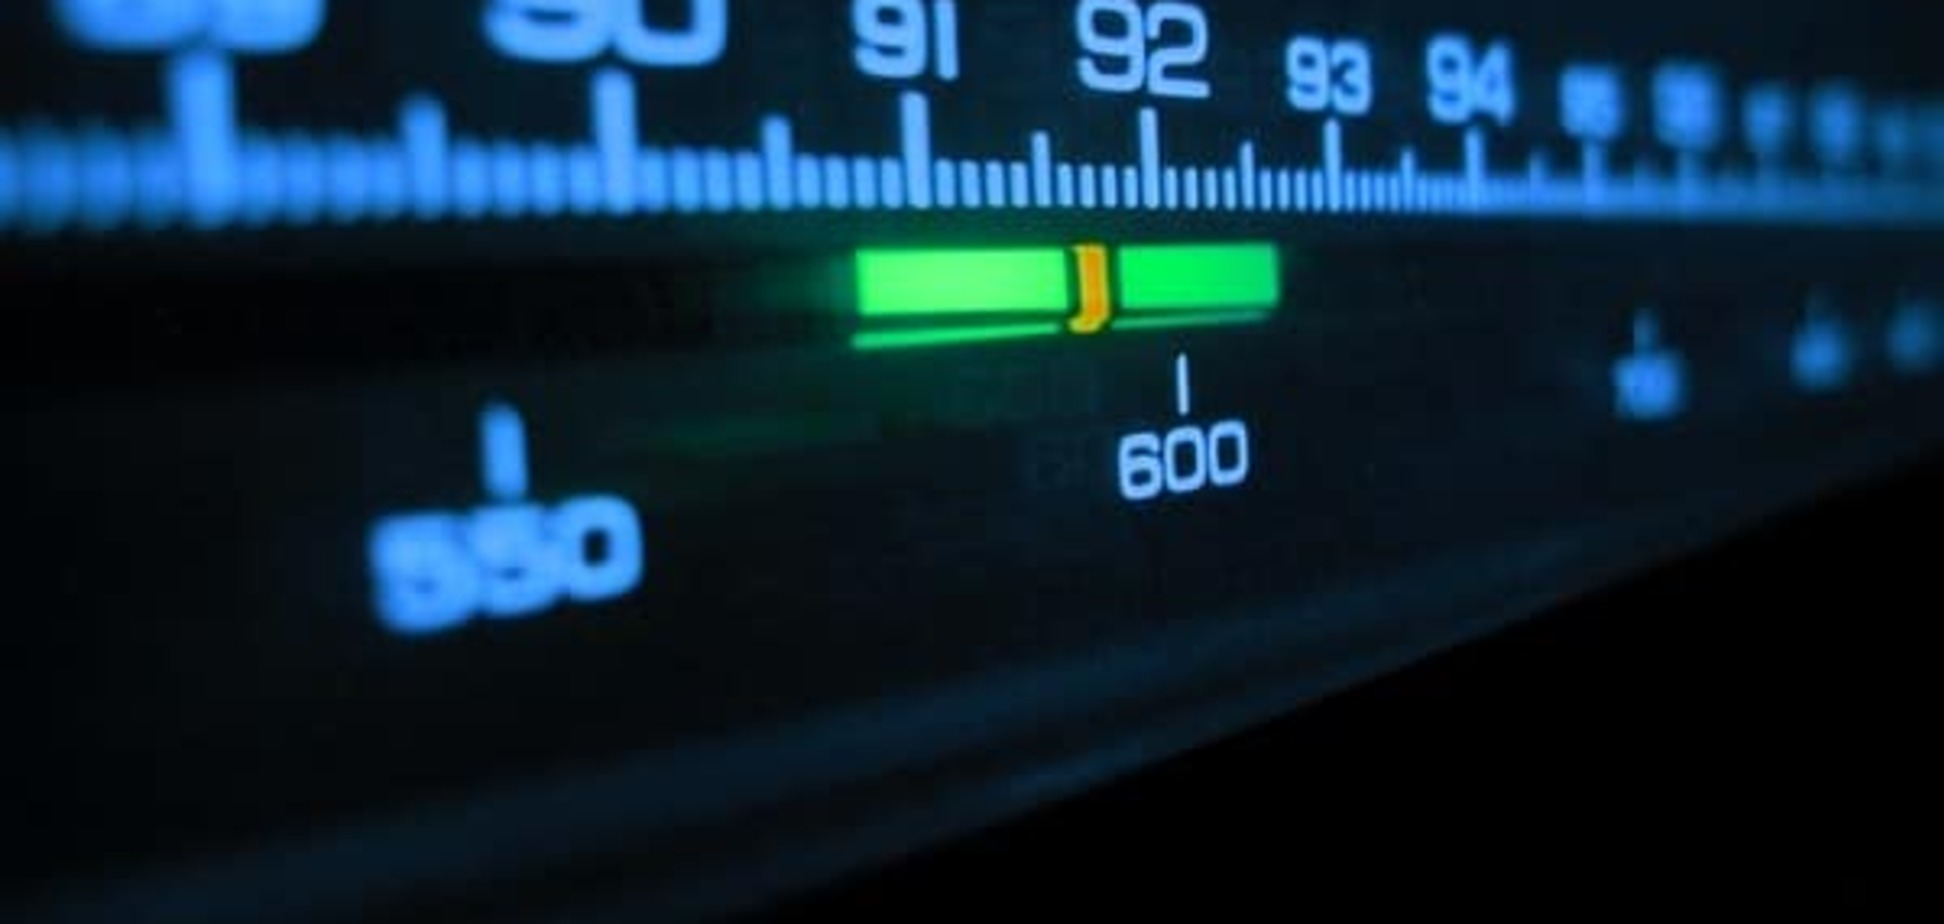 Кириленко: у радиостанций без украинских песен нужно отбирать лицензии